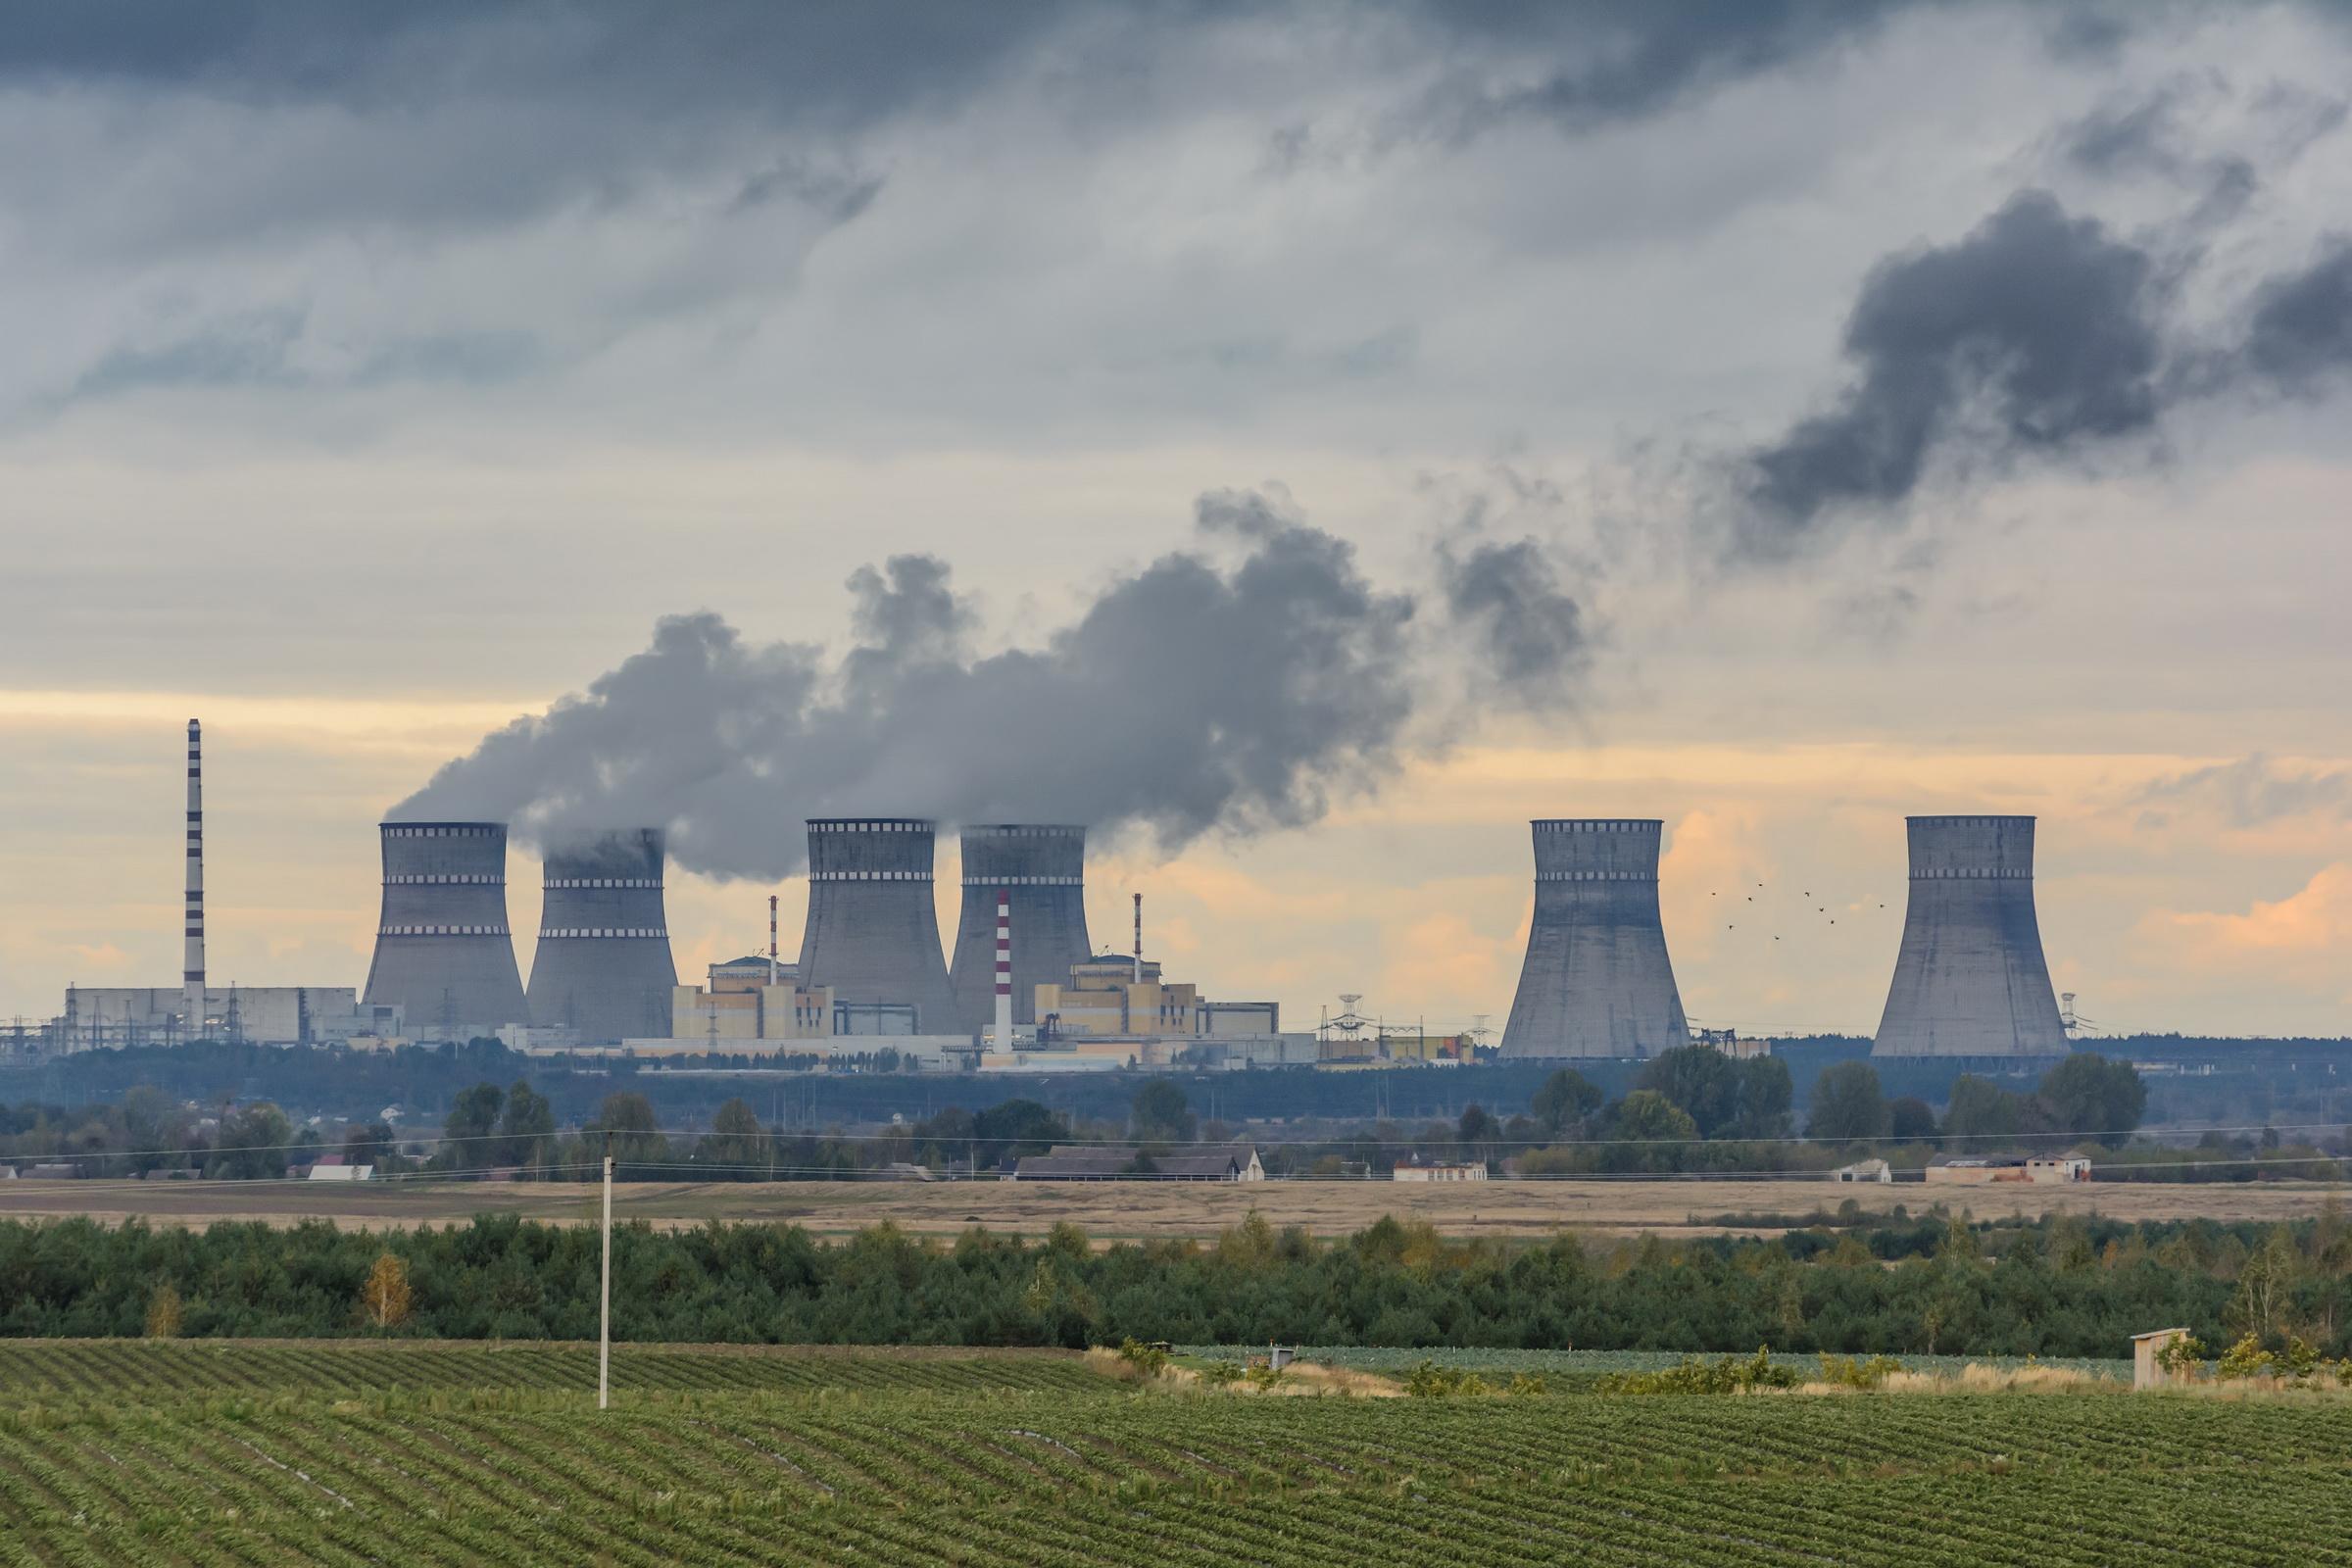 Закрытие угольных ТЭС в Украине: три сценария от эксперта